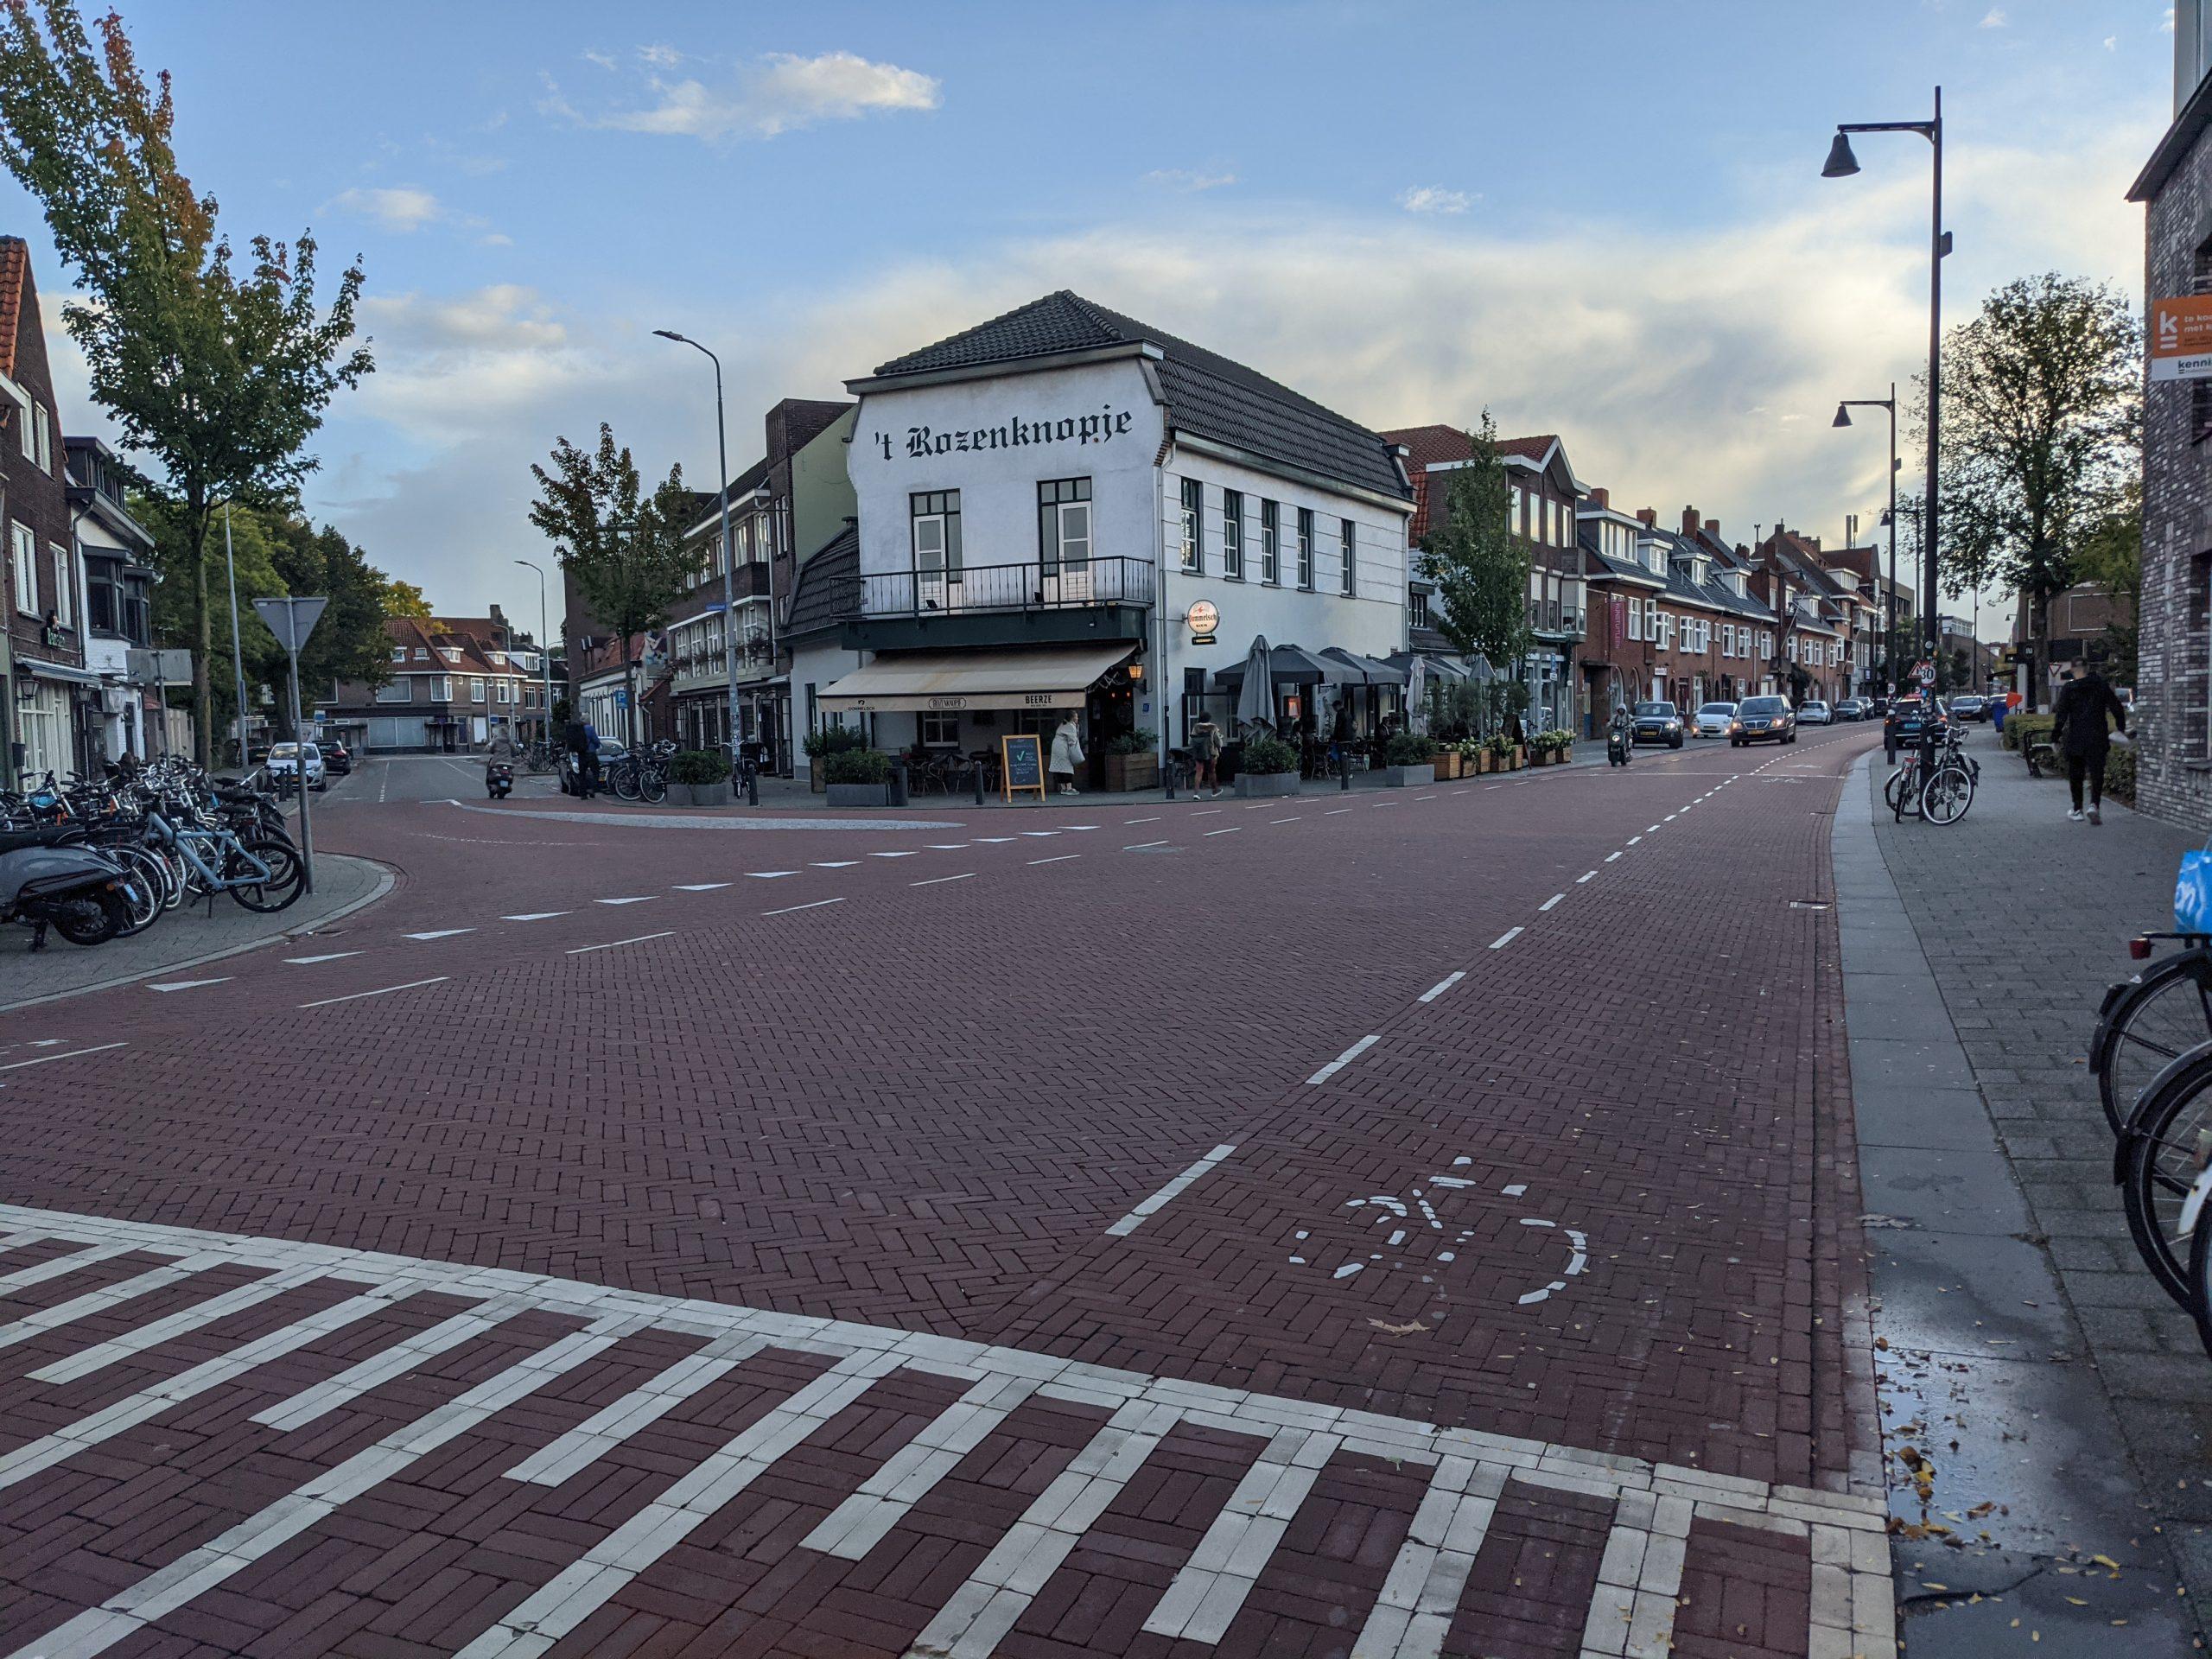 Kruispunt in Eindhoven, fiets voorrang